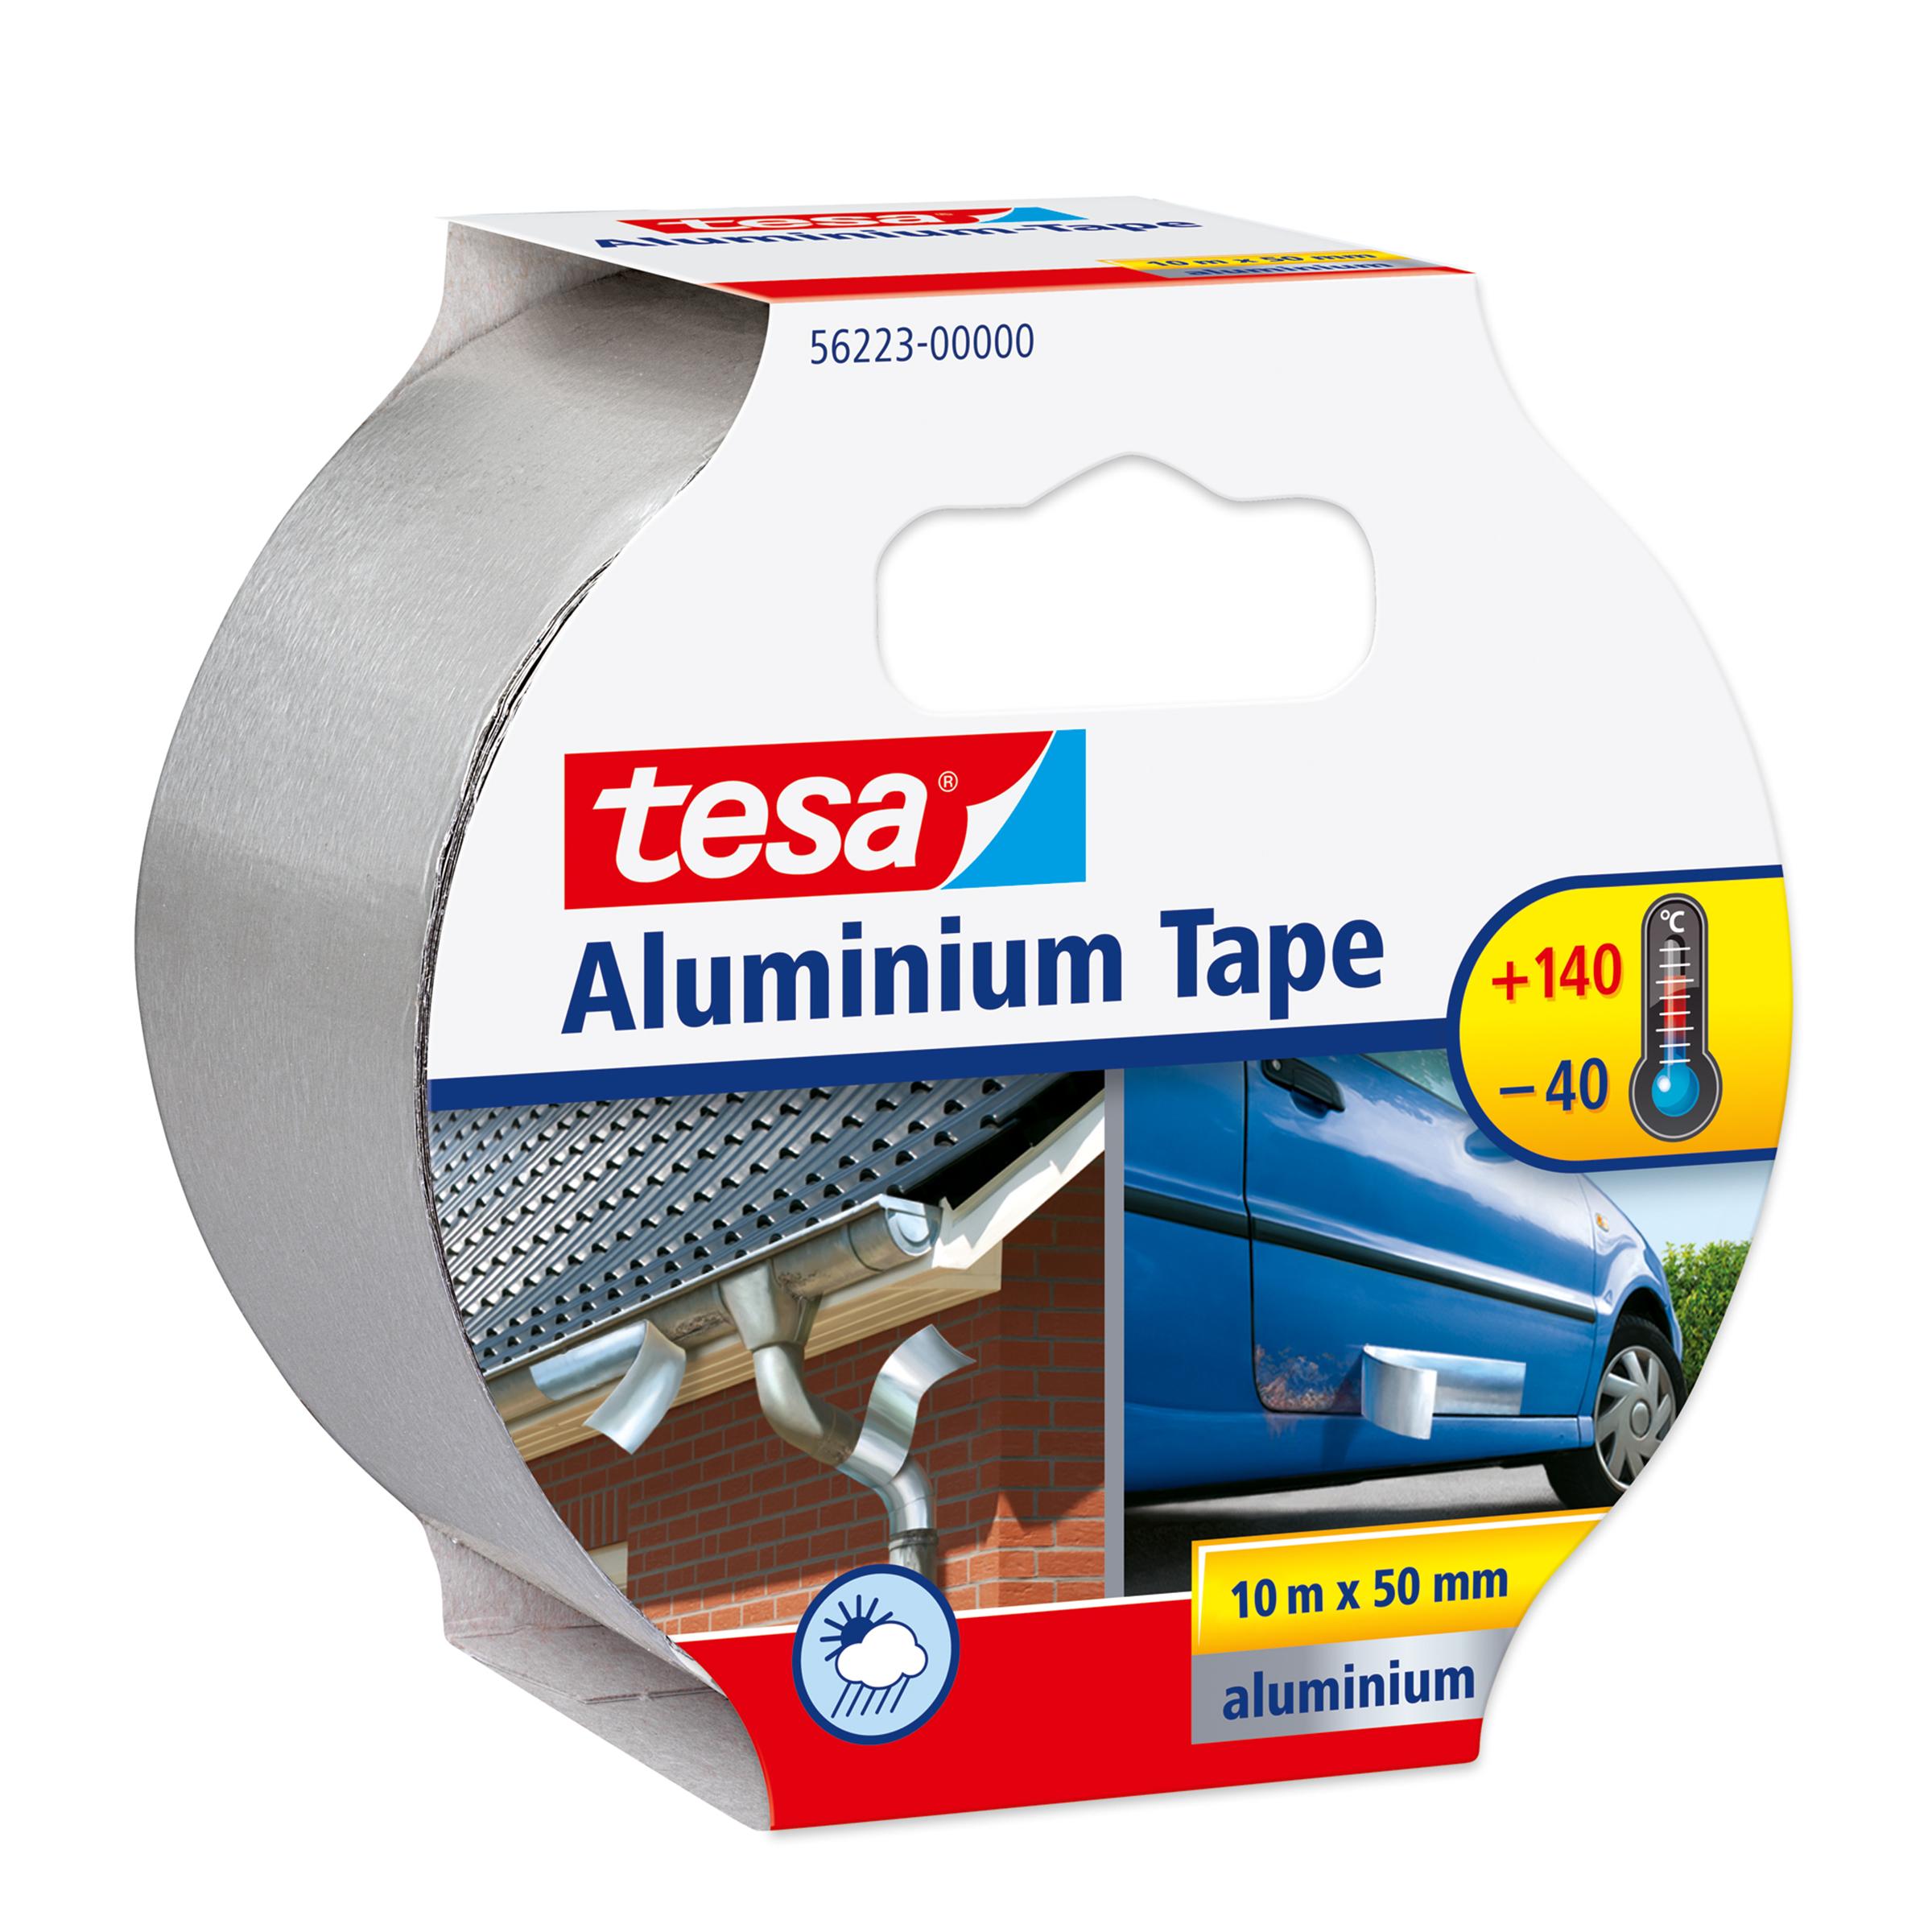 Tesa 56223-00000-01 - Silber - Reparatur - Aluminium - 10 m - 50 mm